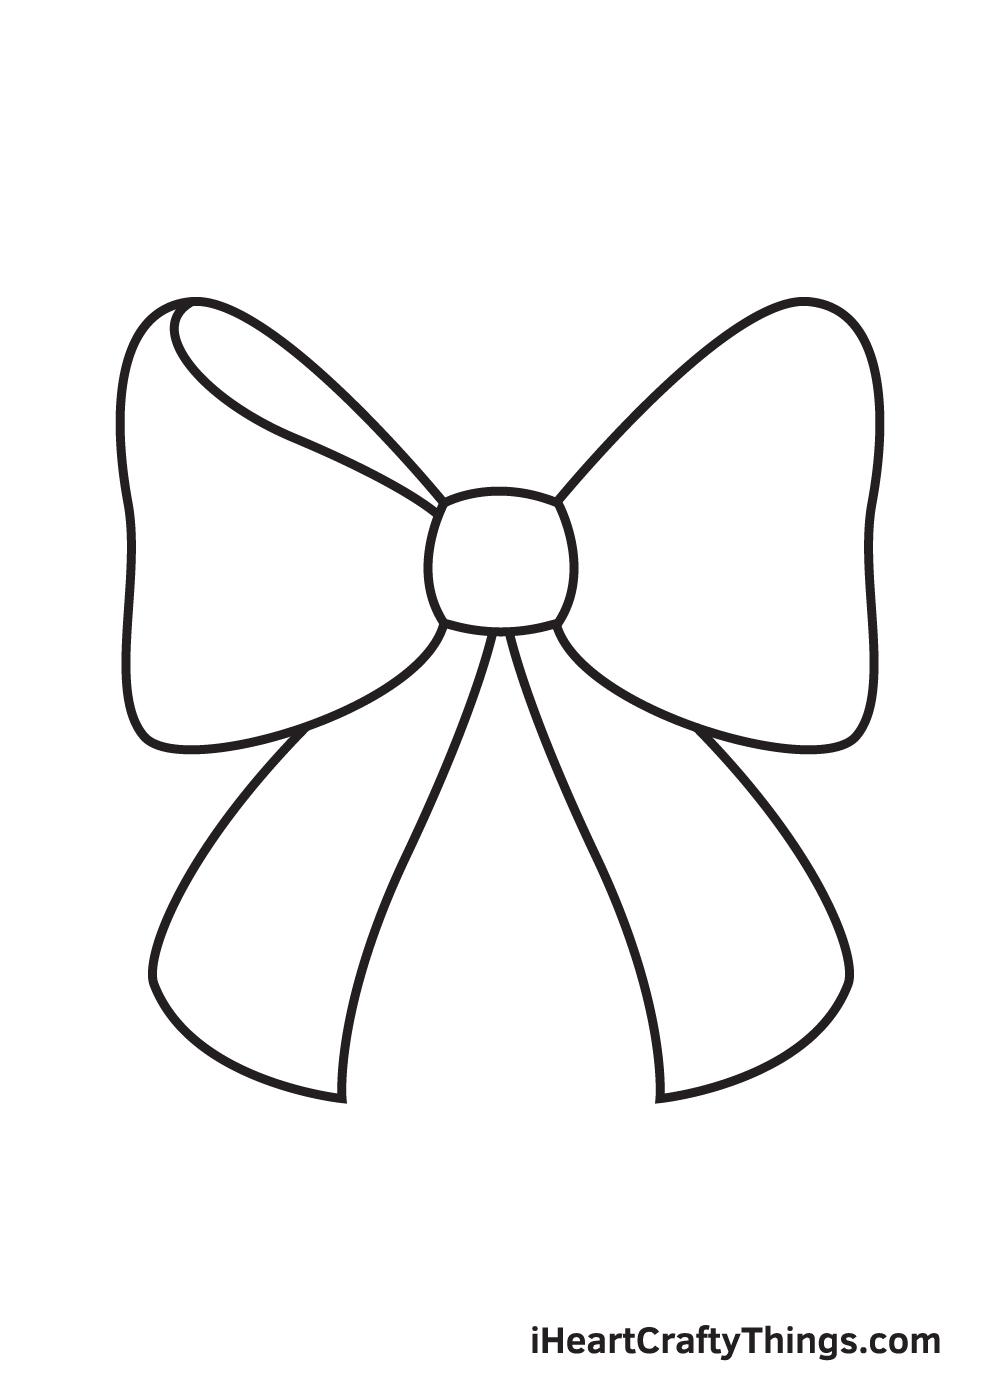 ribbon drawing step 6